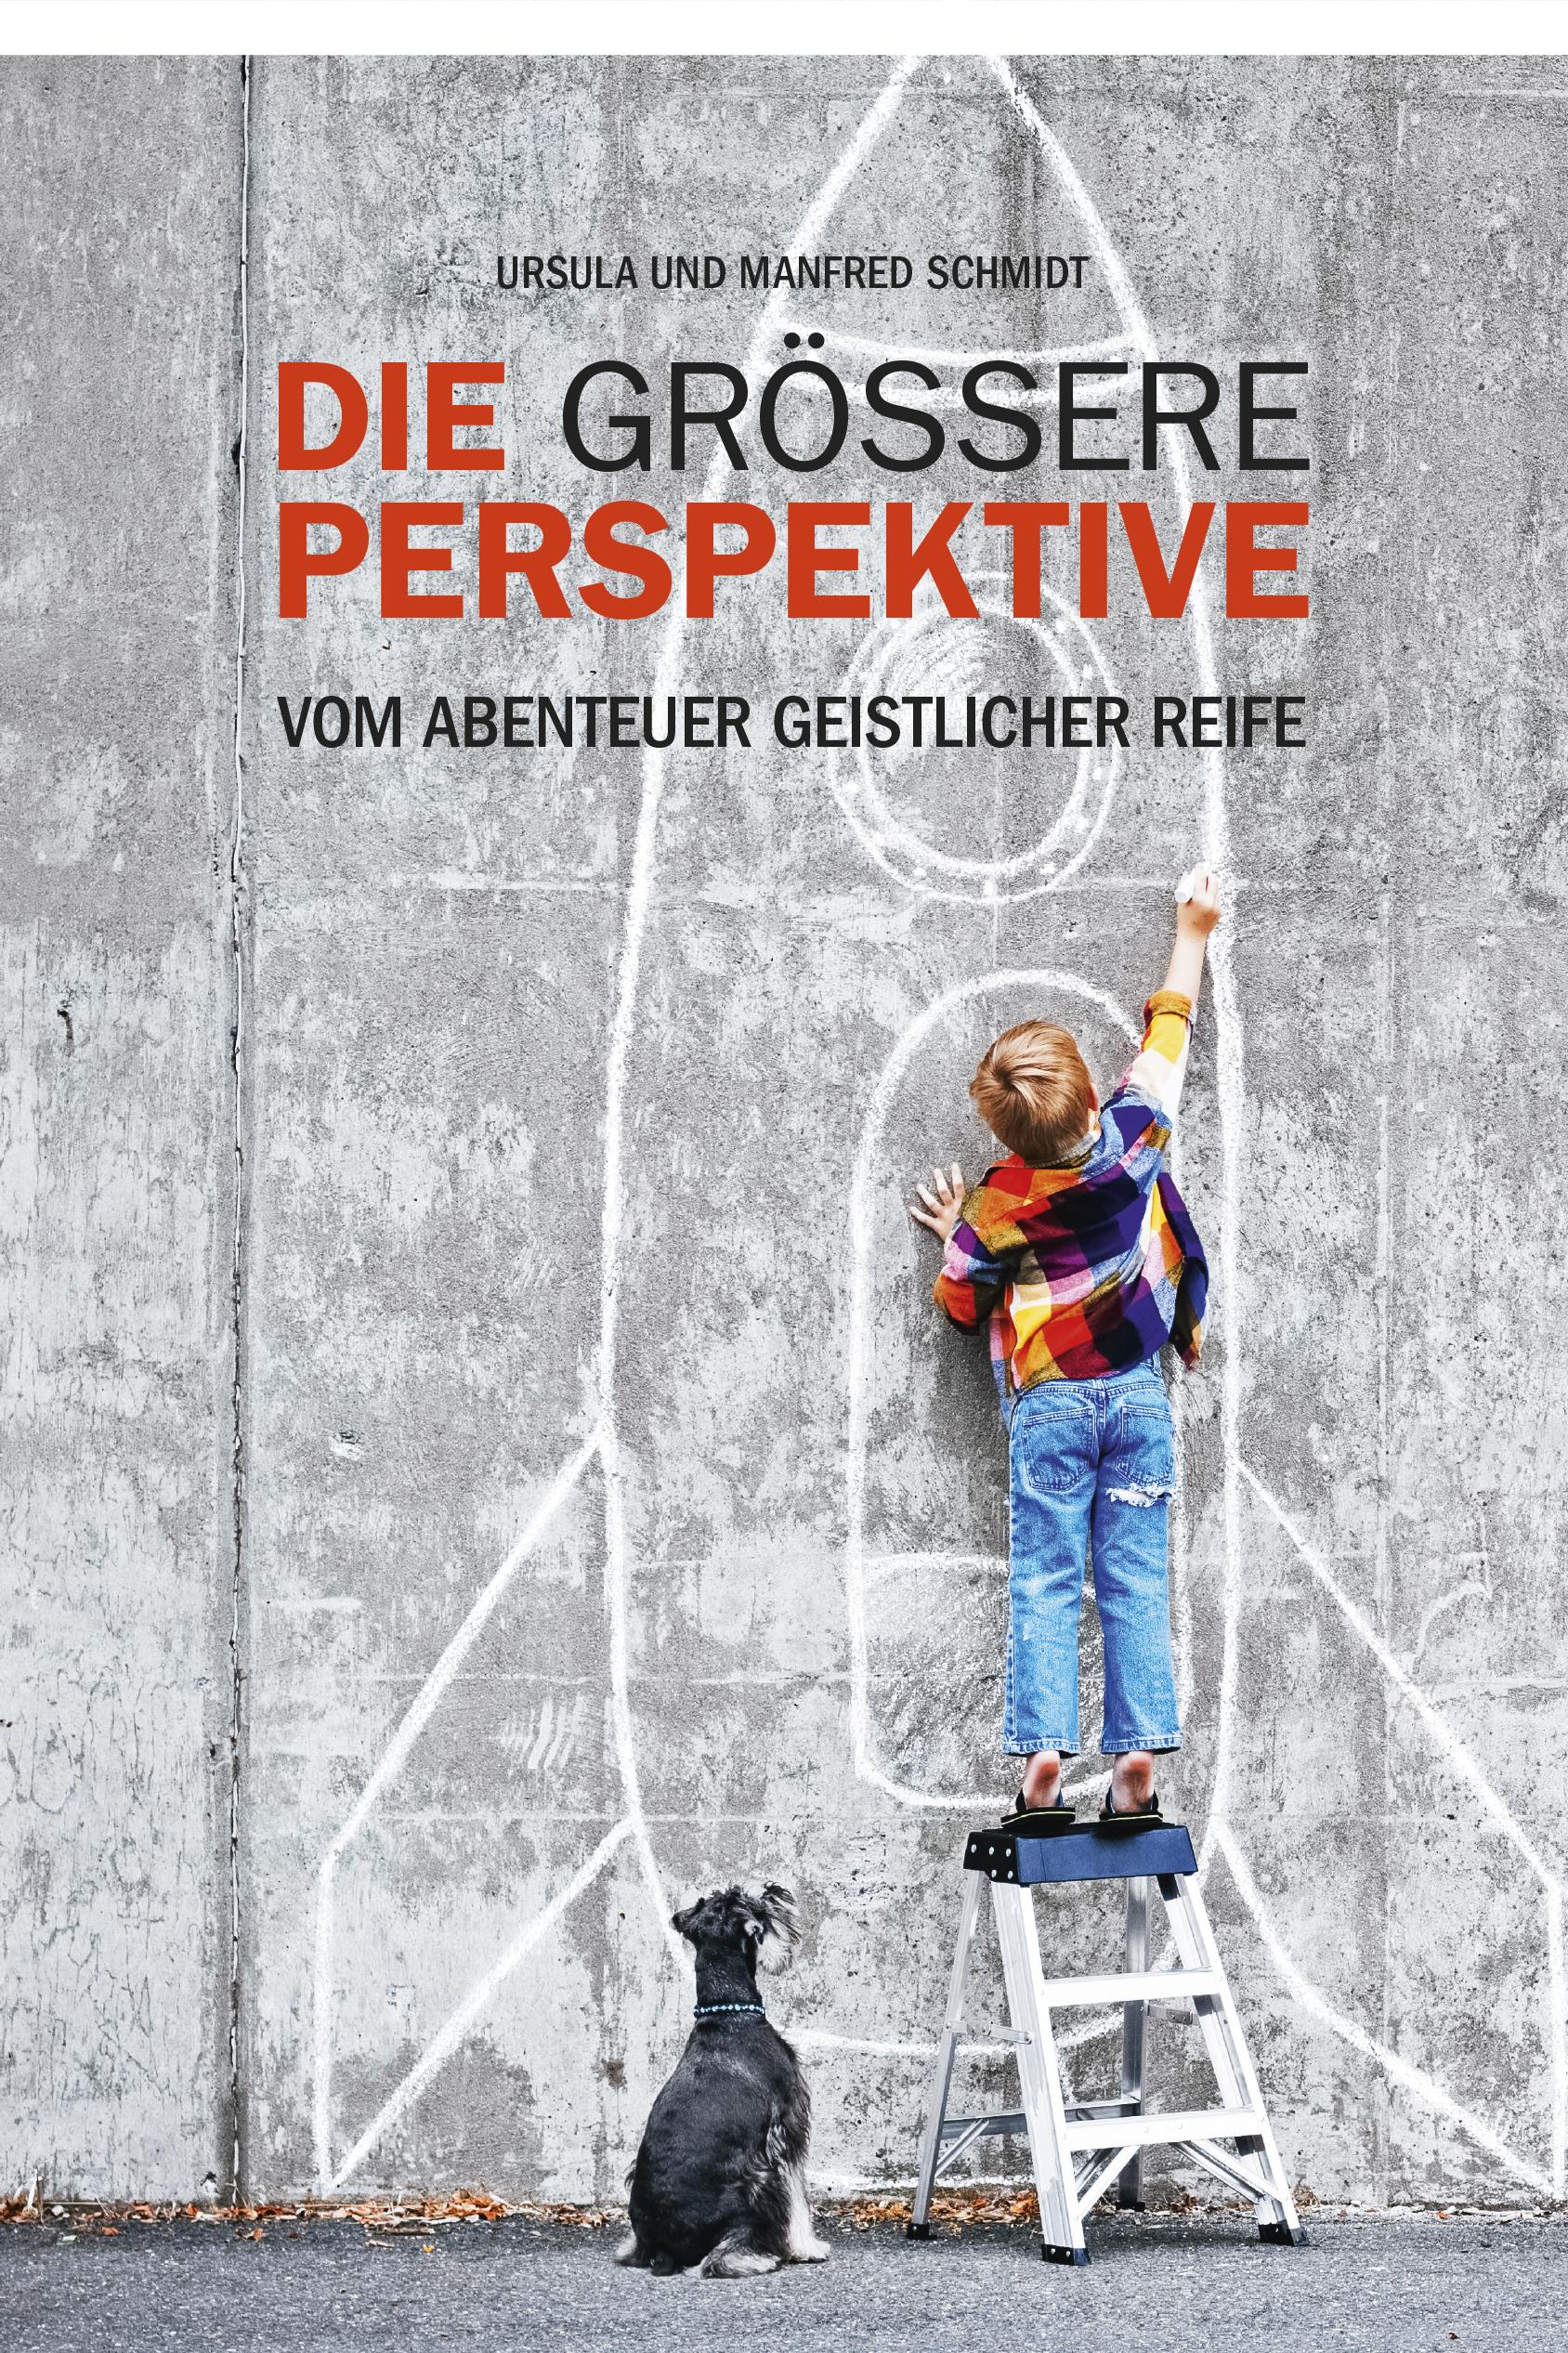 Bildergebnis für Ursula und Manfred Schmidt Abenteuer Reife